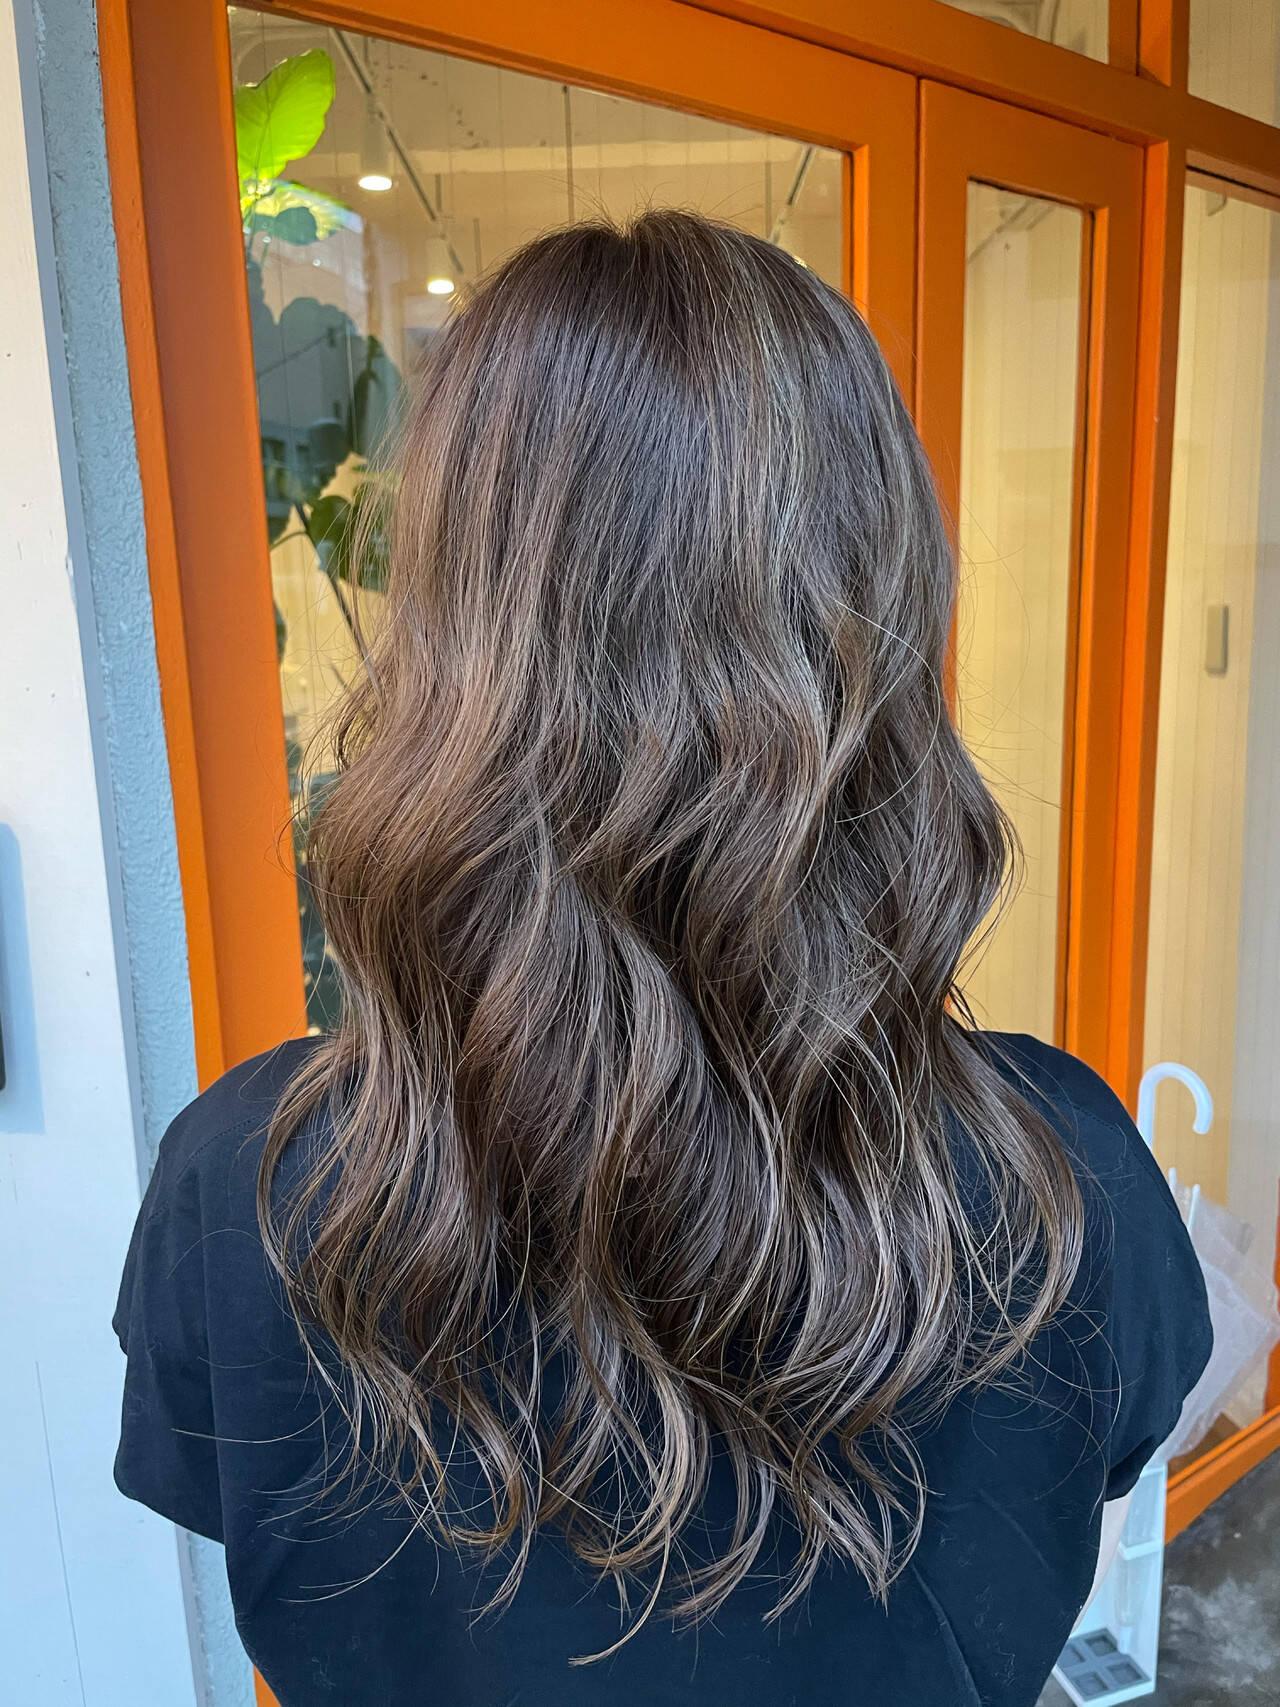 大人ハイライト エレガント コントラストハイライト イルミナカラーヘアスタイルや髪型の写真・画像